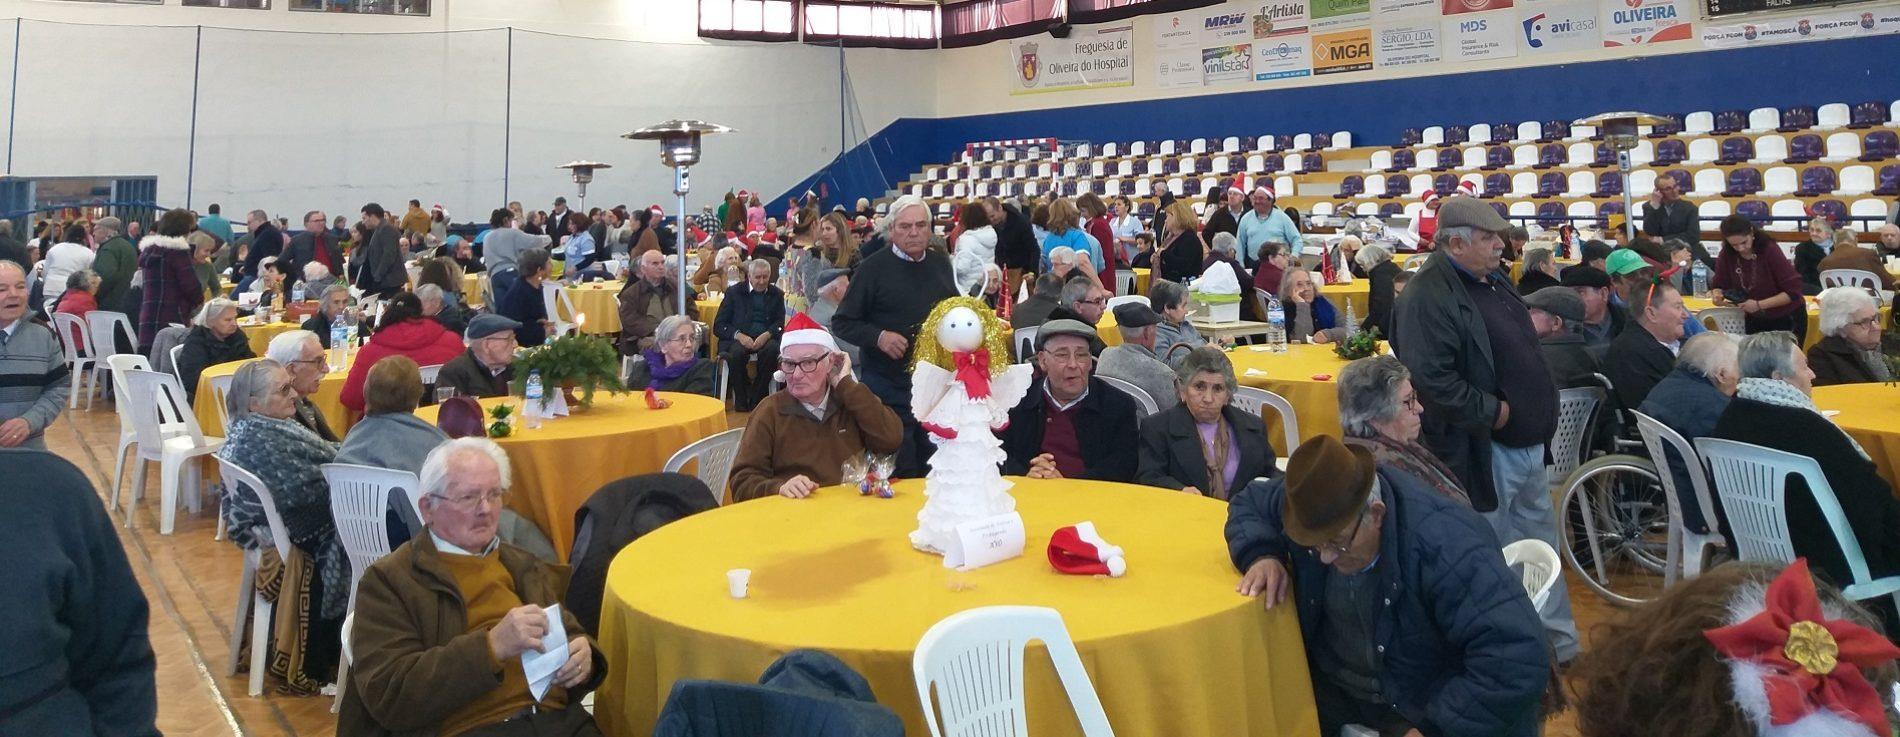 Natal Sénior juntou cerca de 400 idosos das IPSS do concelho de Oliveira do Hospital